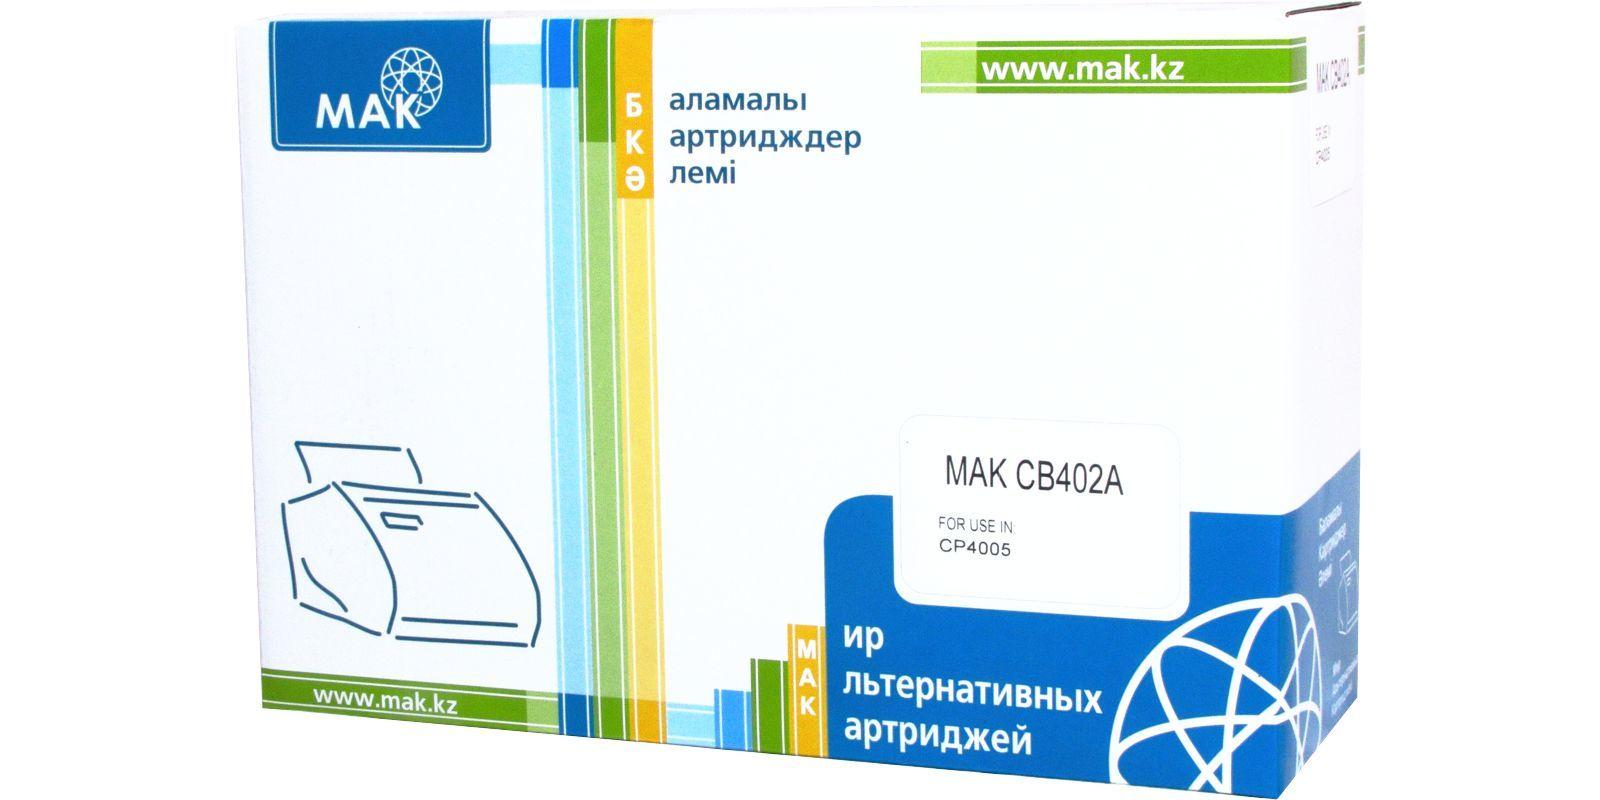 Картридж лазерный цветной MAK© 642A CB402A желтый (yellow), до 7500 стр.